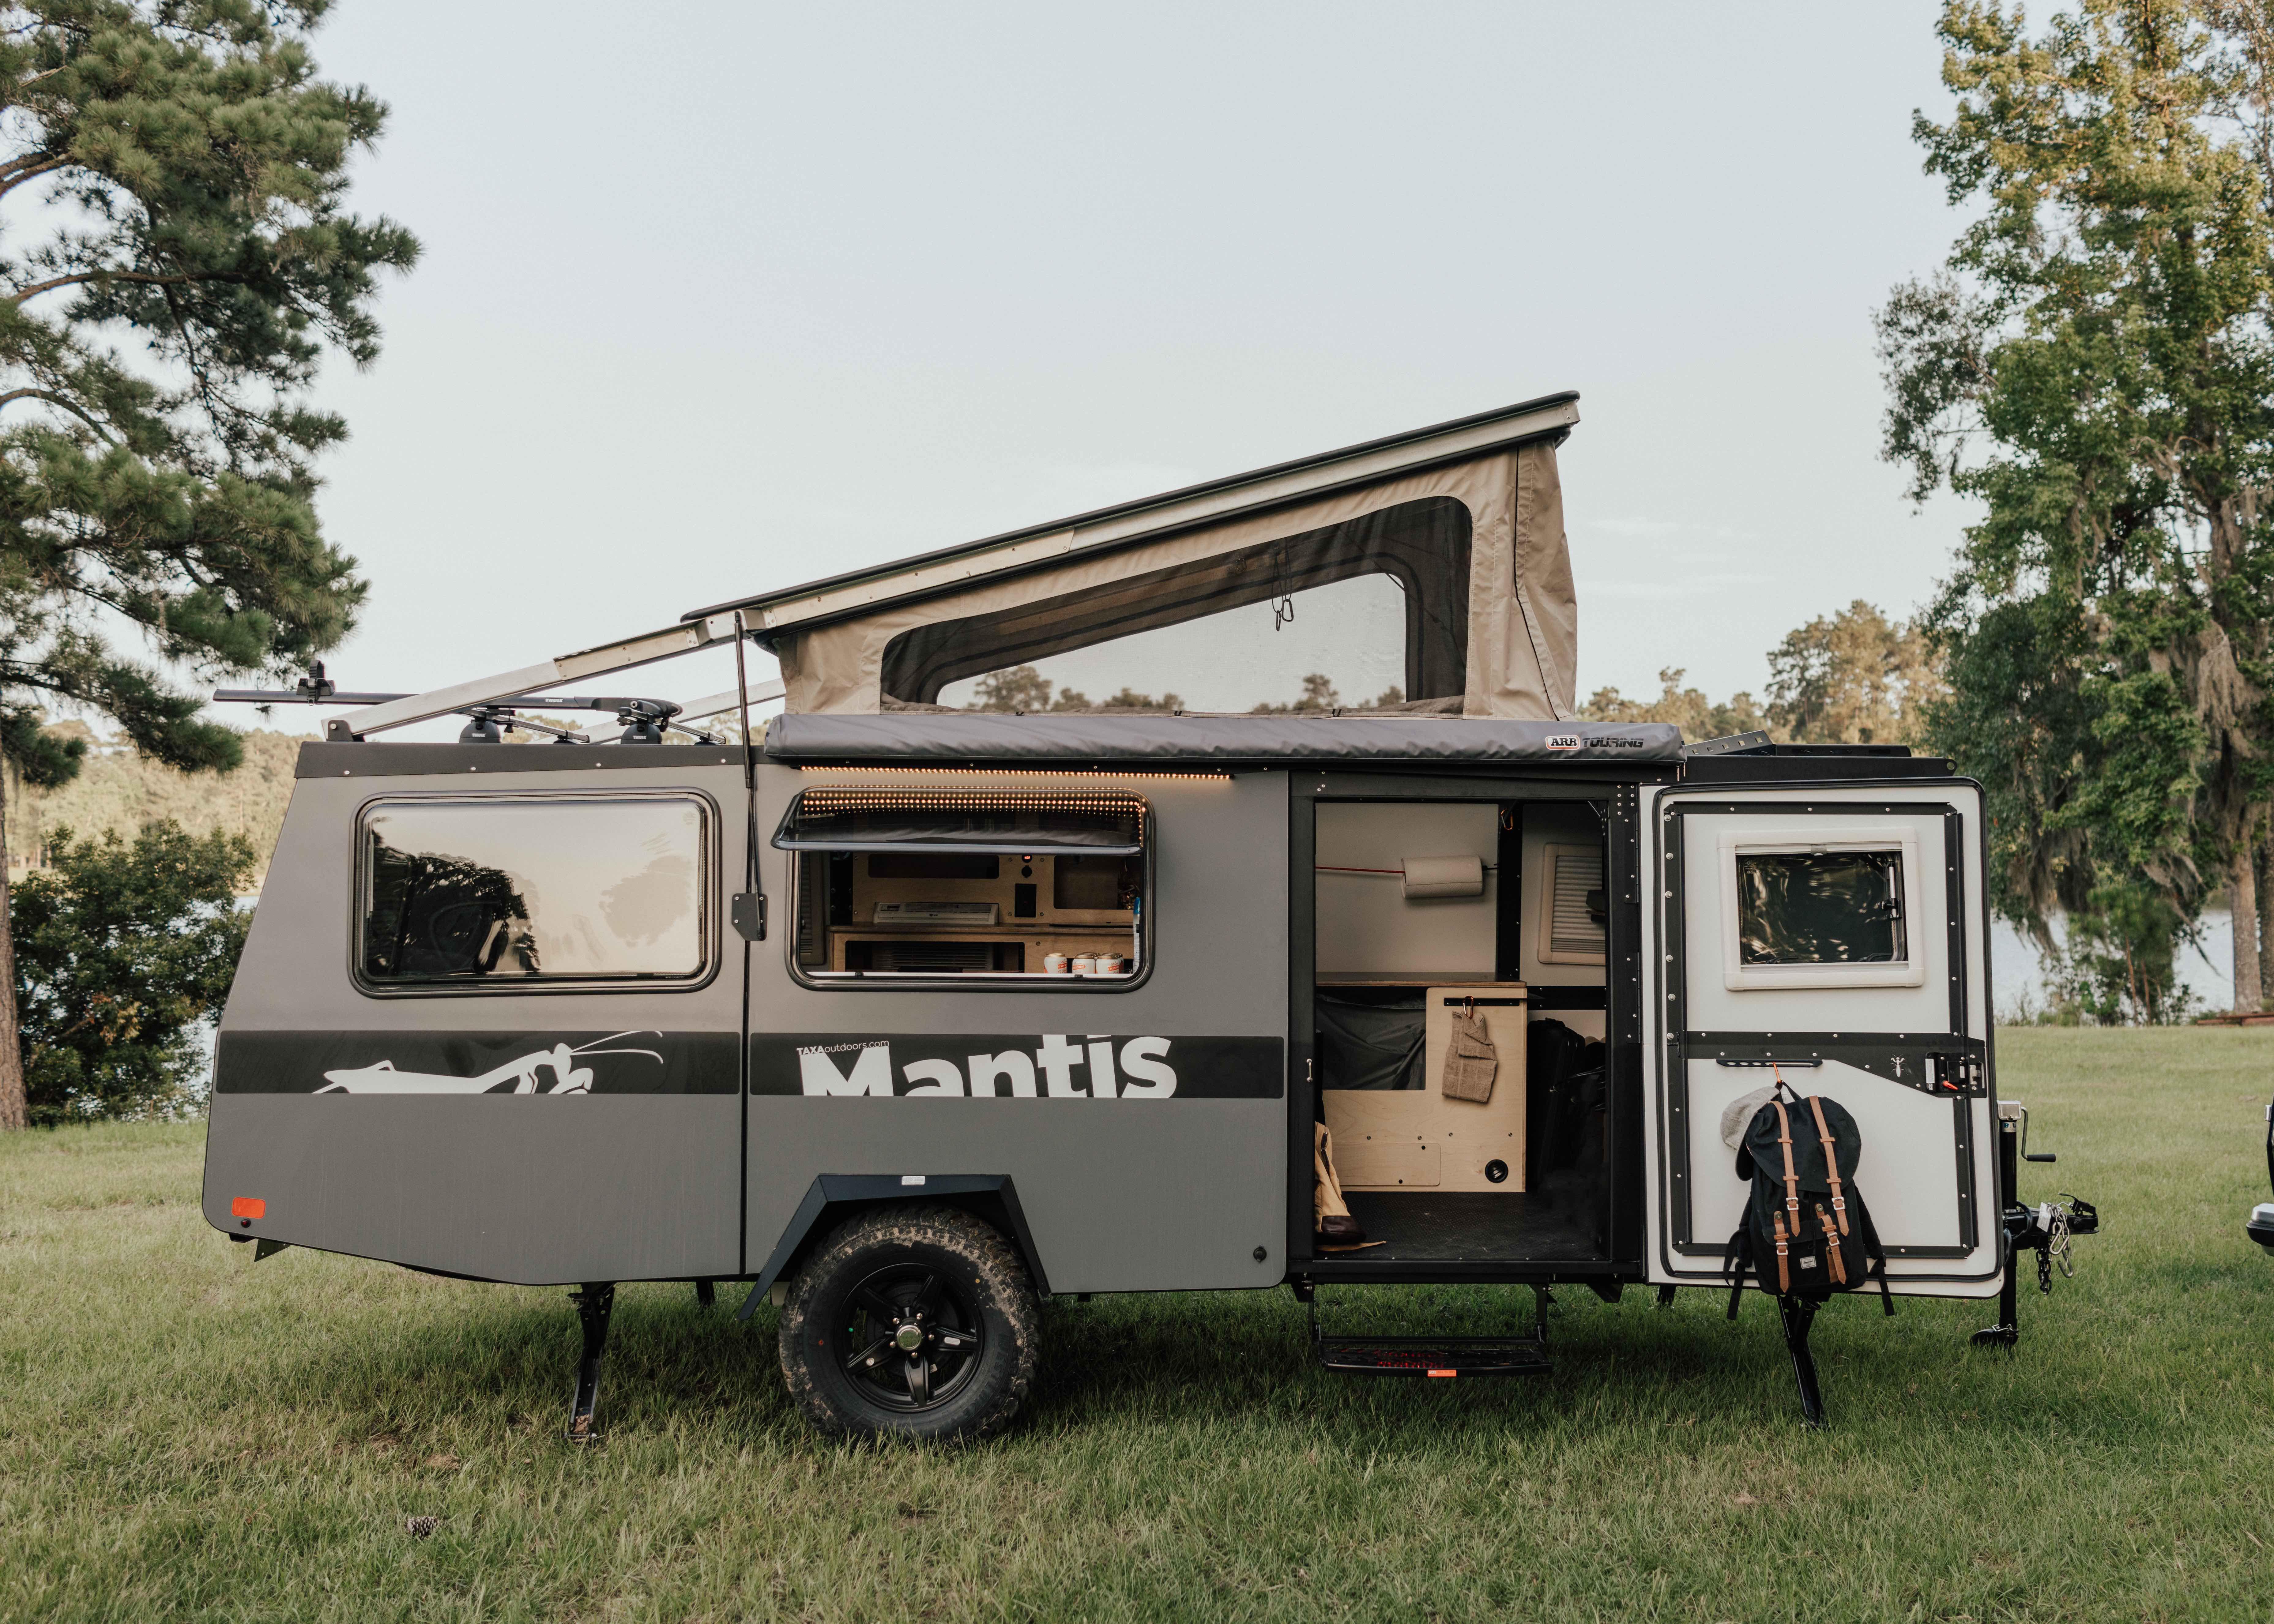 TAXA's lightweight, garageable Mantis